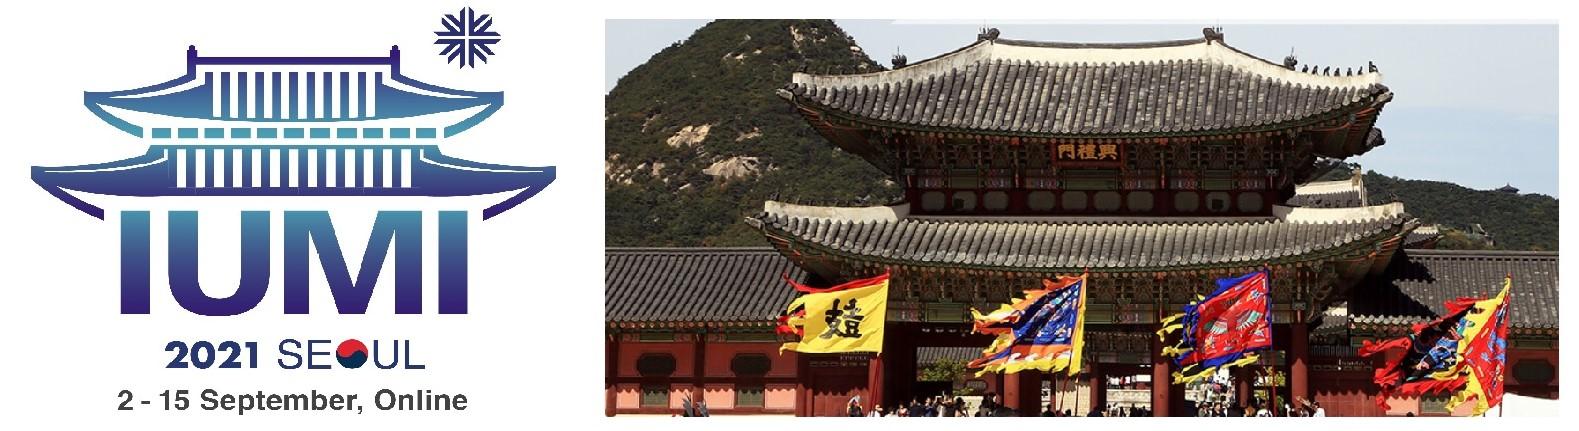 IUMI 2021 Seoul Virtual Conference